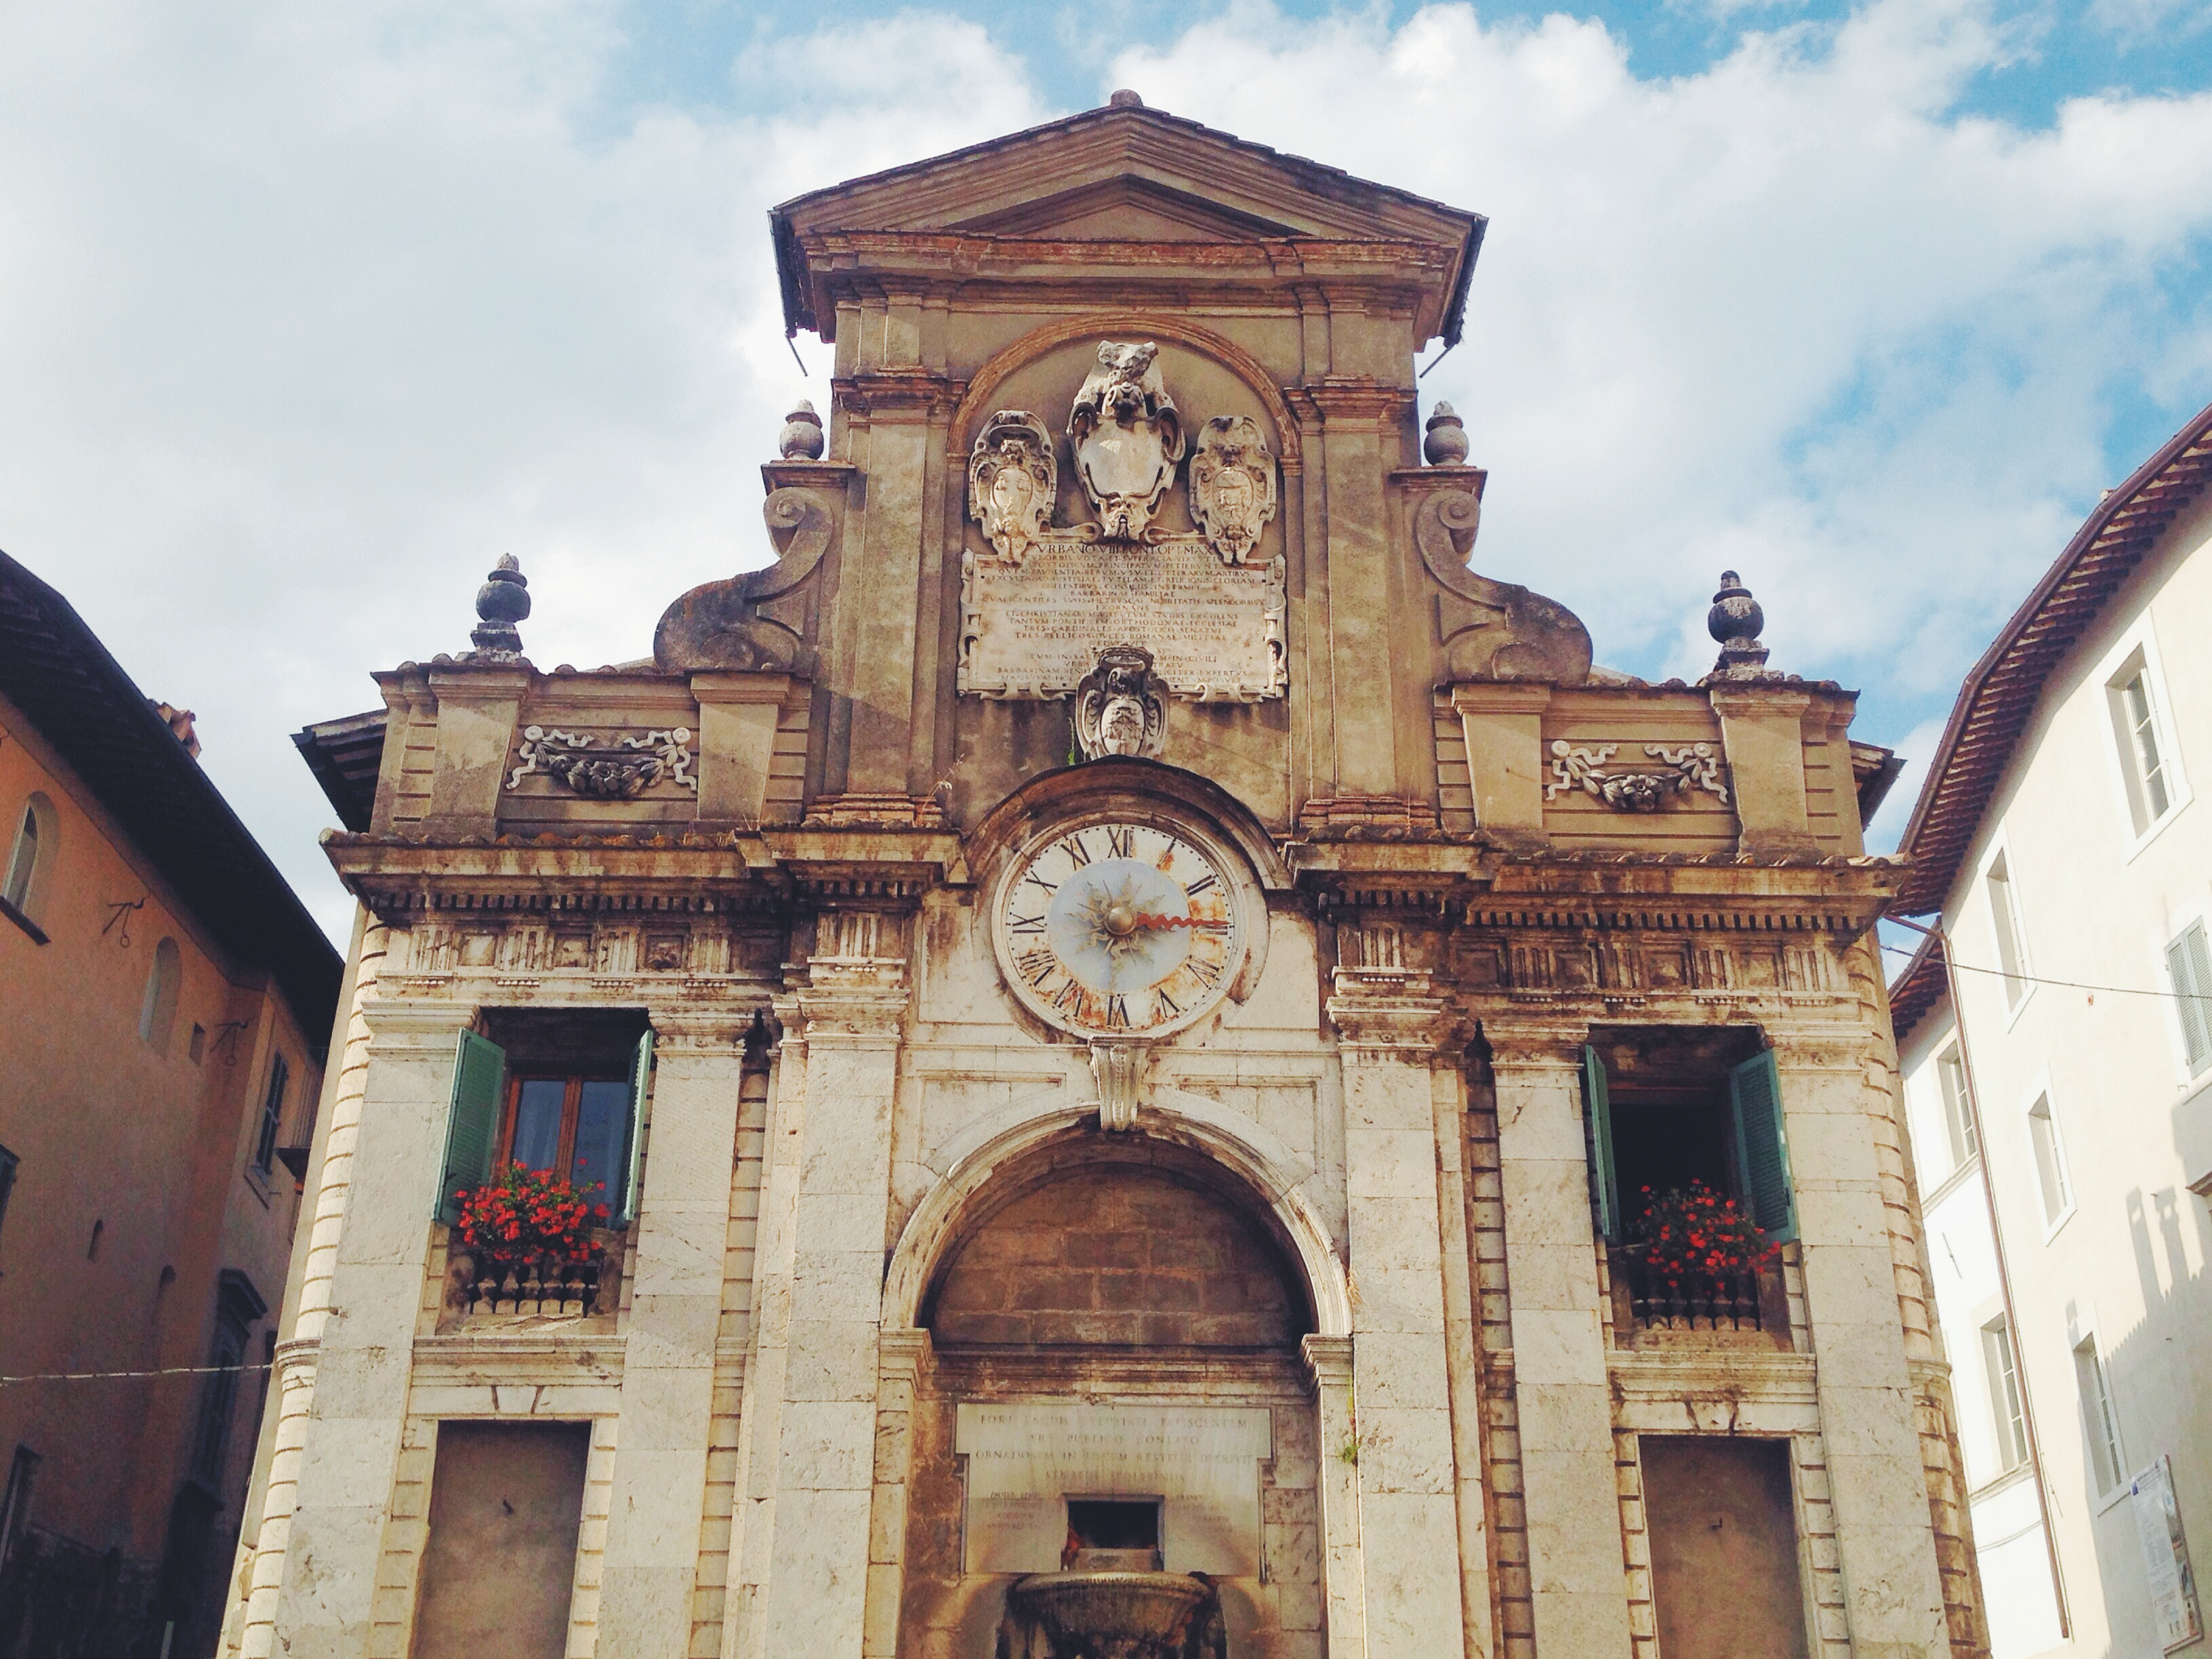 La fontana di Piazza del Mercato a Spoleto prima era la chiesa di San Donato